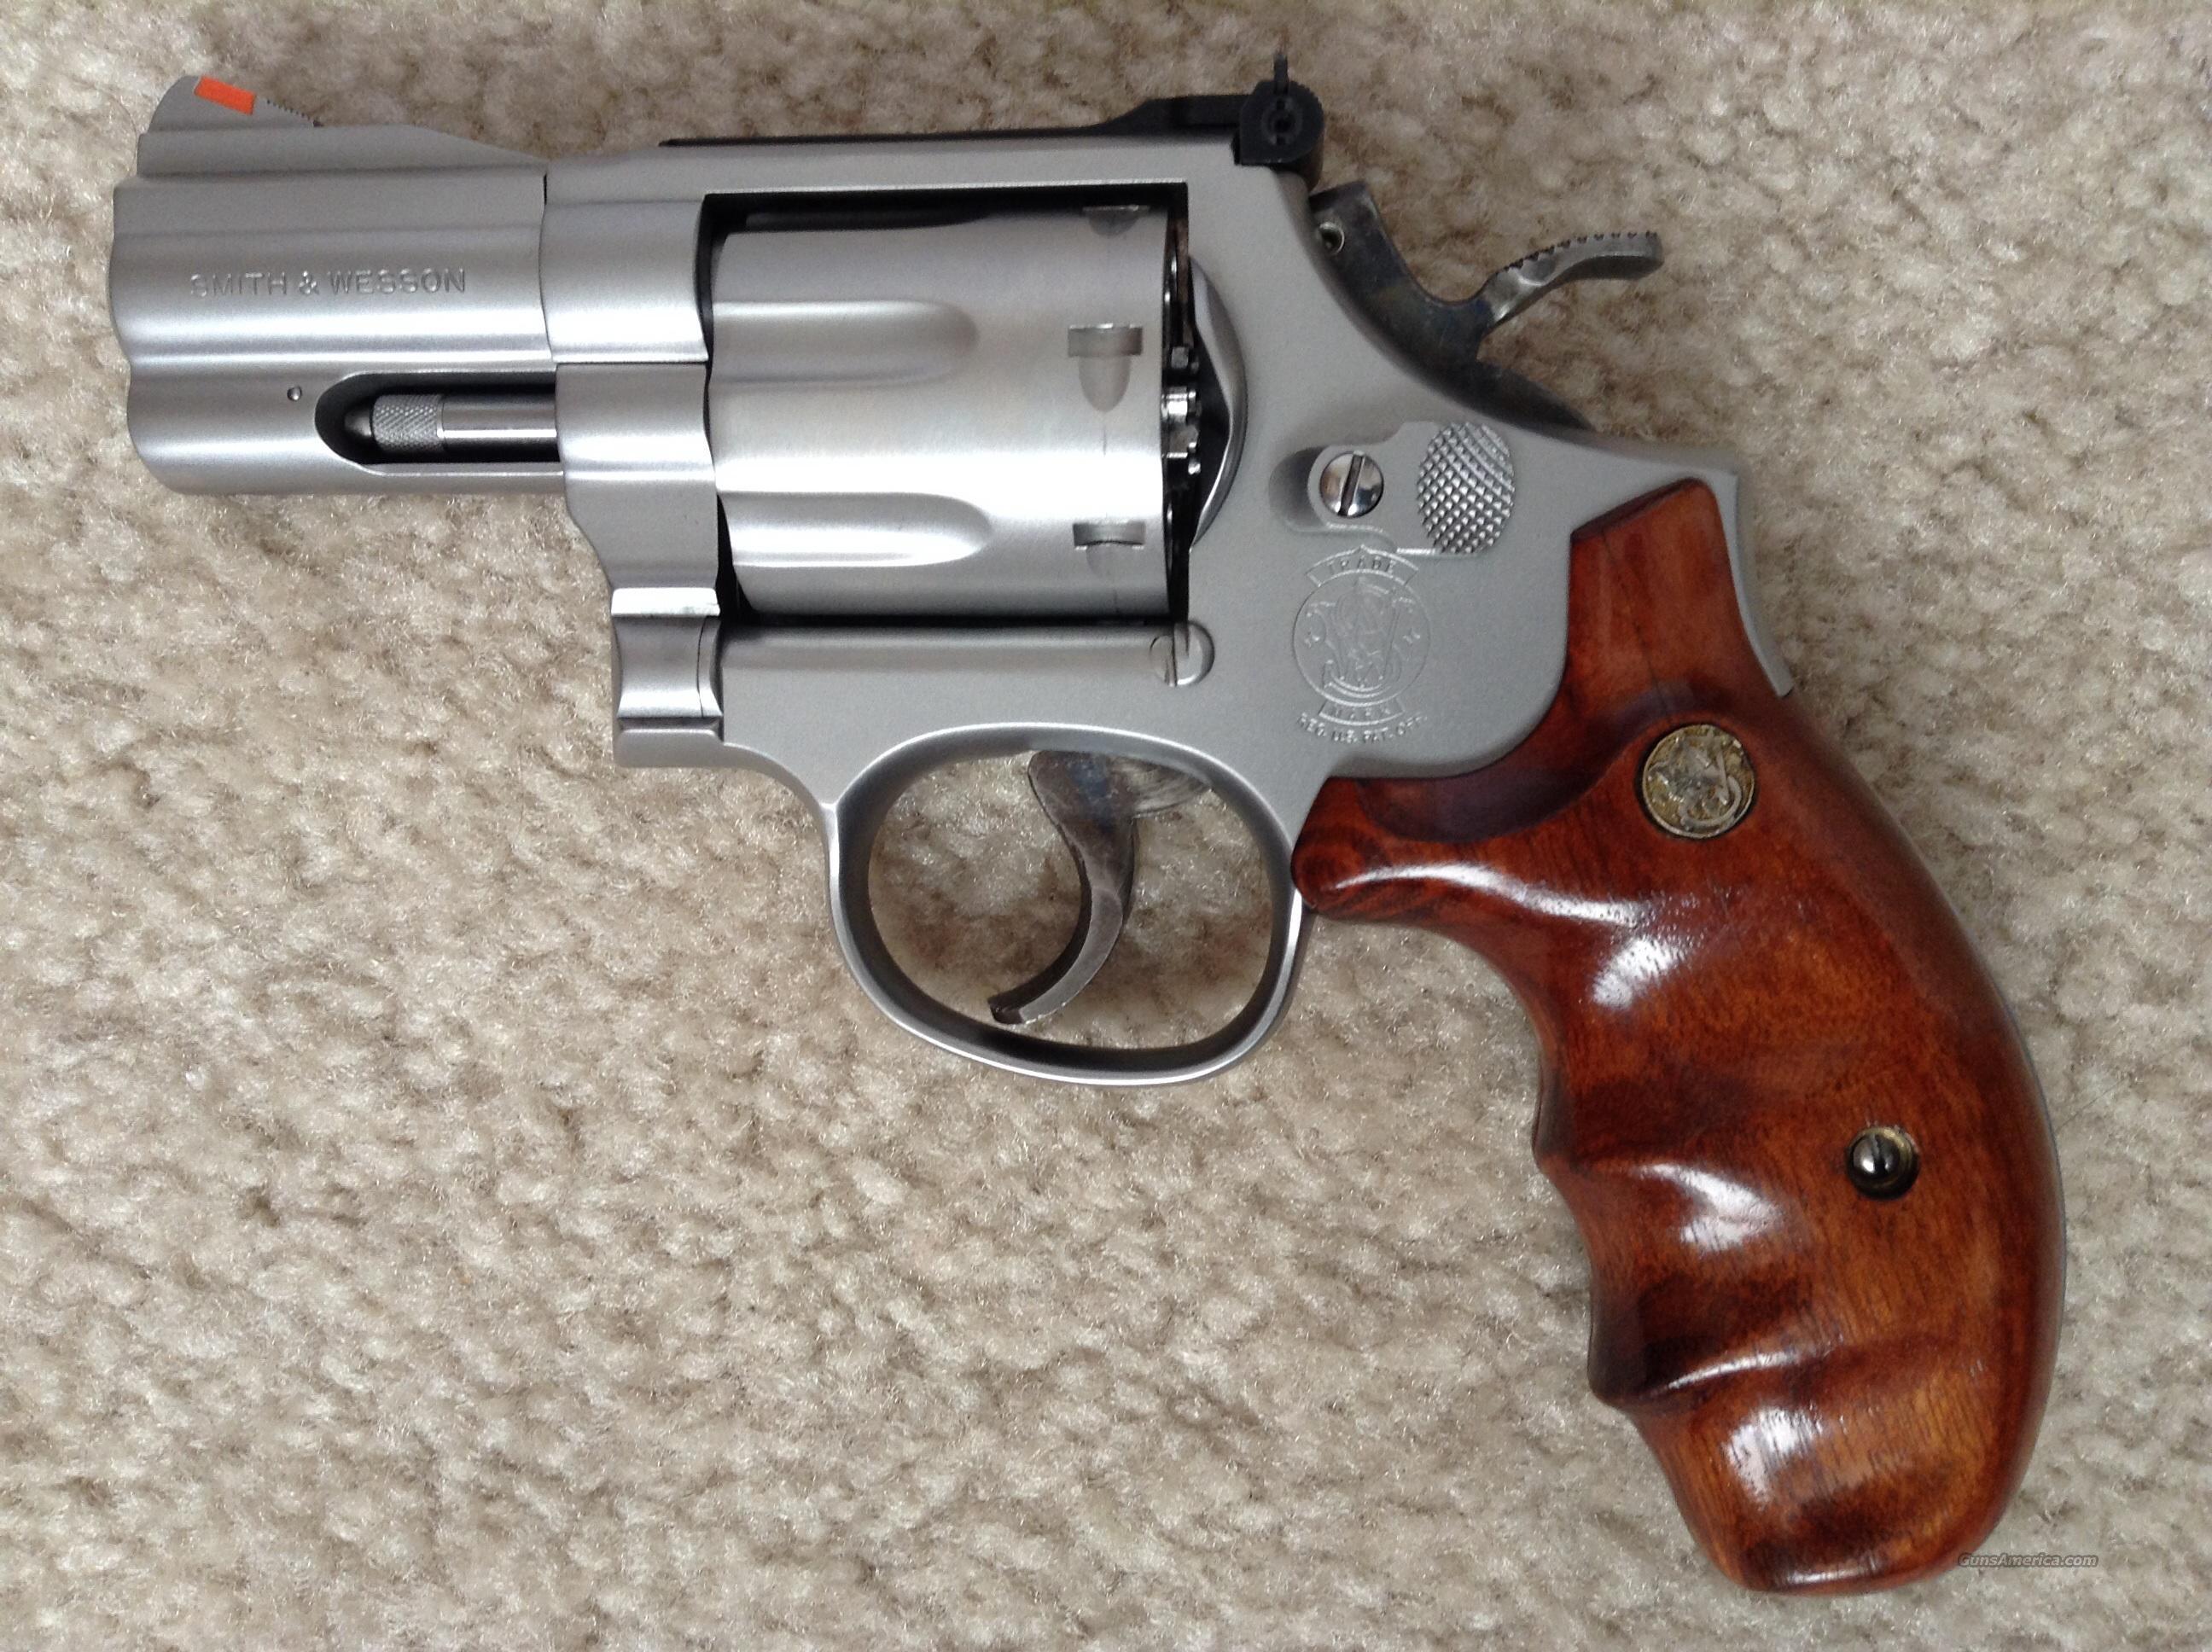 Smith Wesson 686 4 Plus 25 Barrel Snub